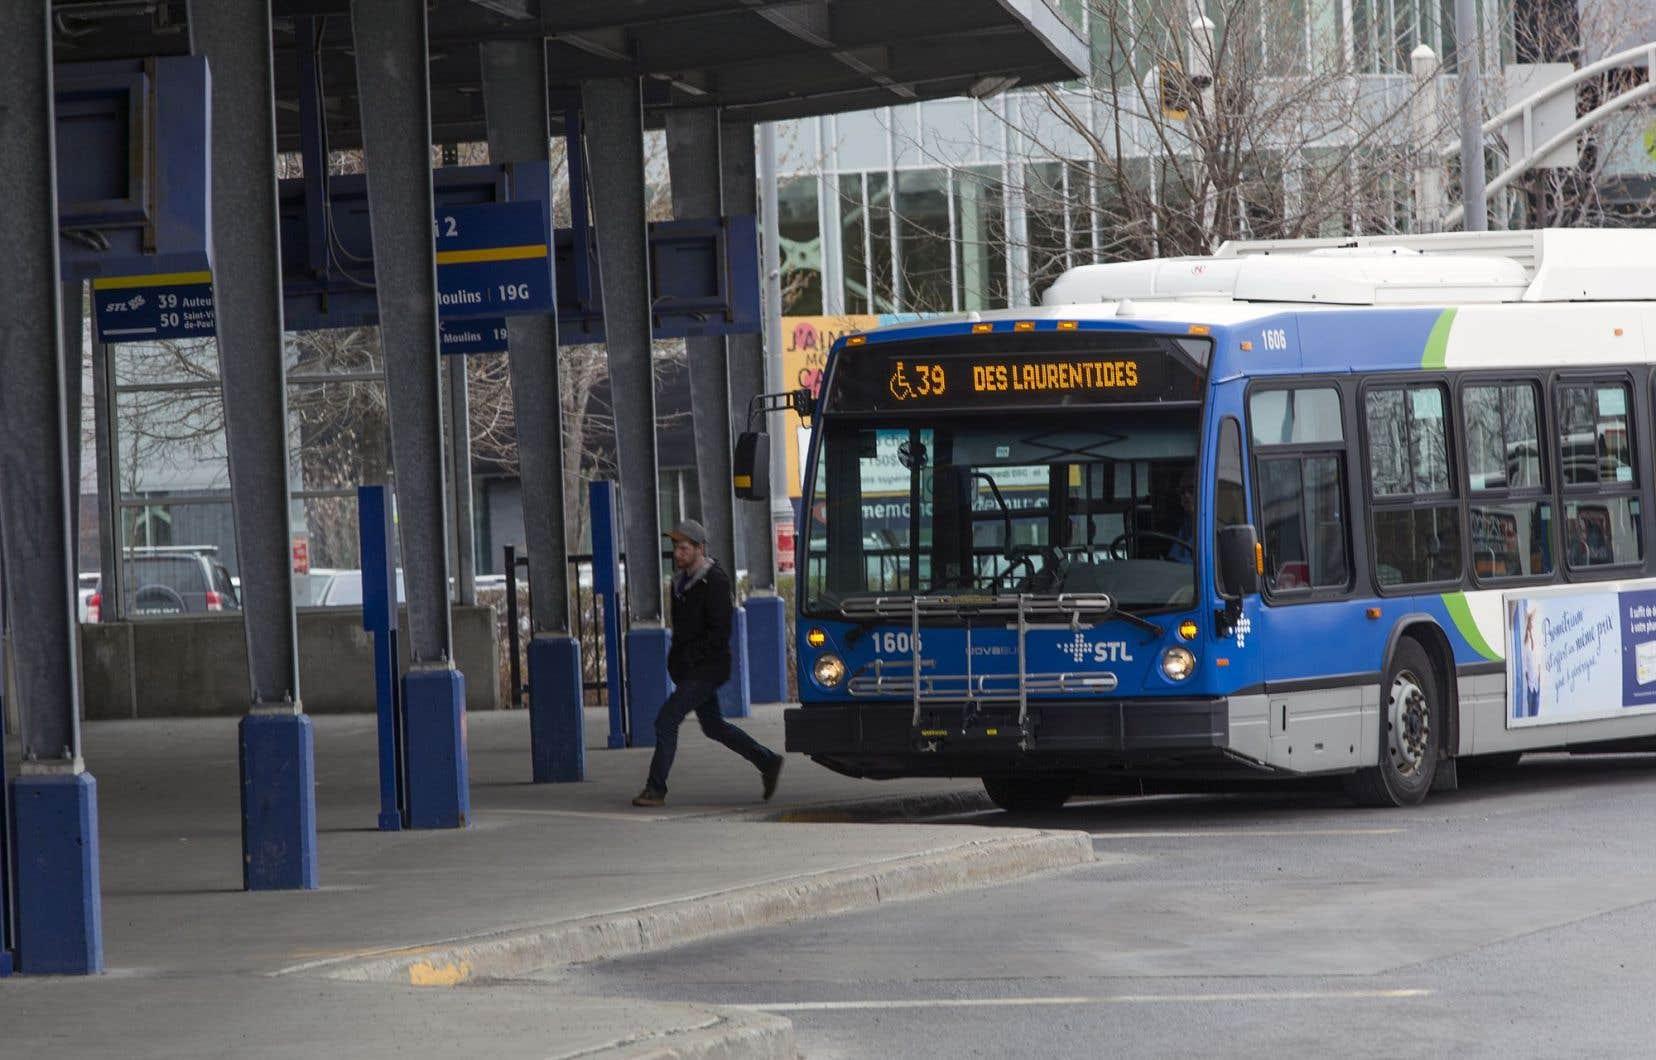 L'Autorité régionale de transport métropolitain (ARTM), nouvelle structure qui verra le jour le 1erjuin, aura notamment pour mission d'uniformiser les prix des titres de transport sur le territoire.